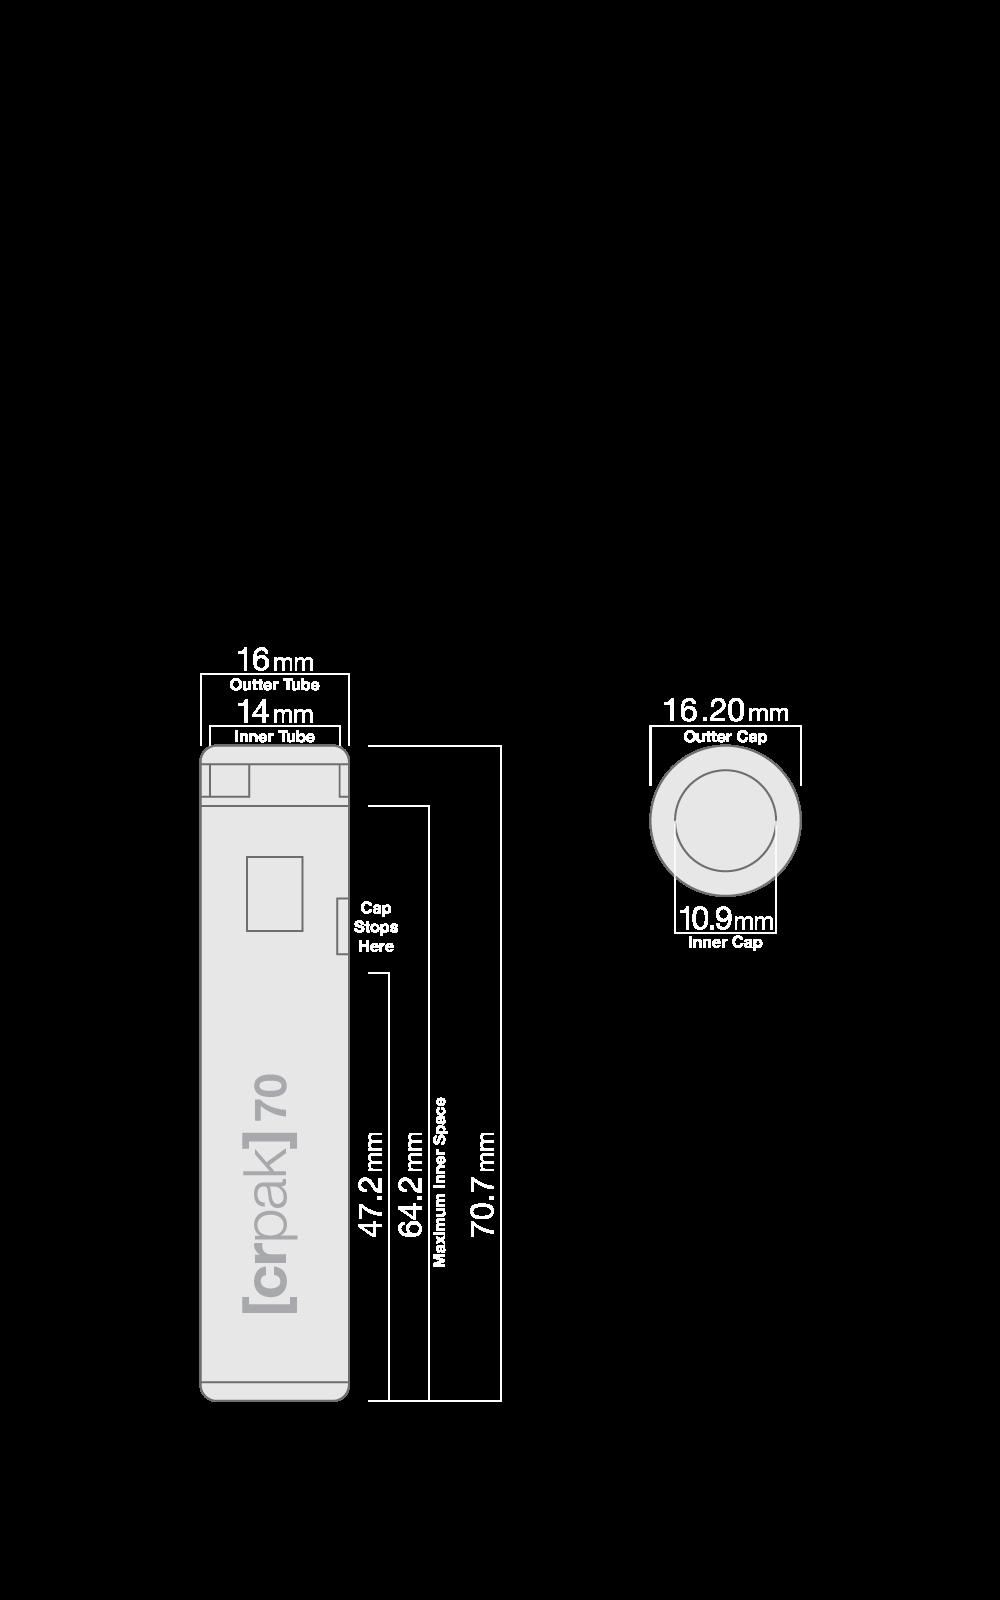 crpak-tube-70_Meas.png